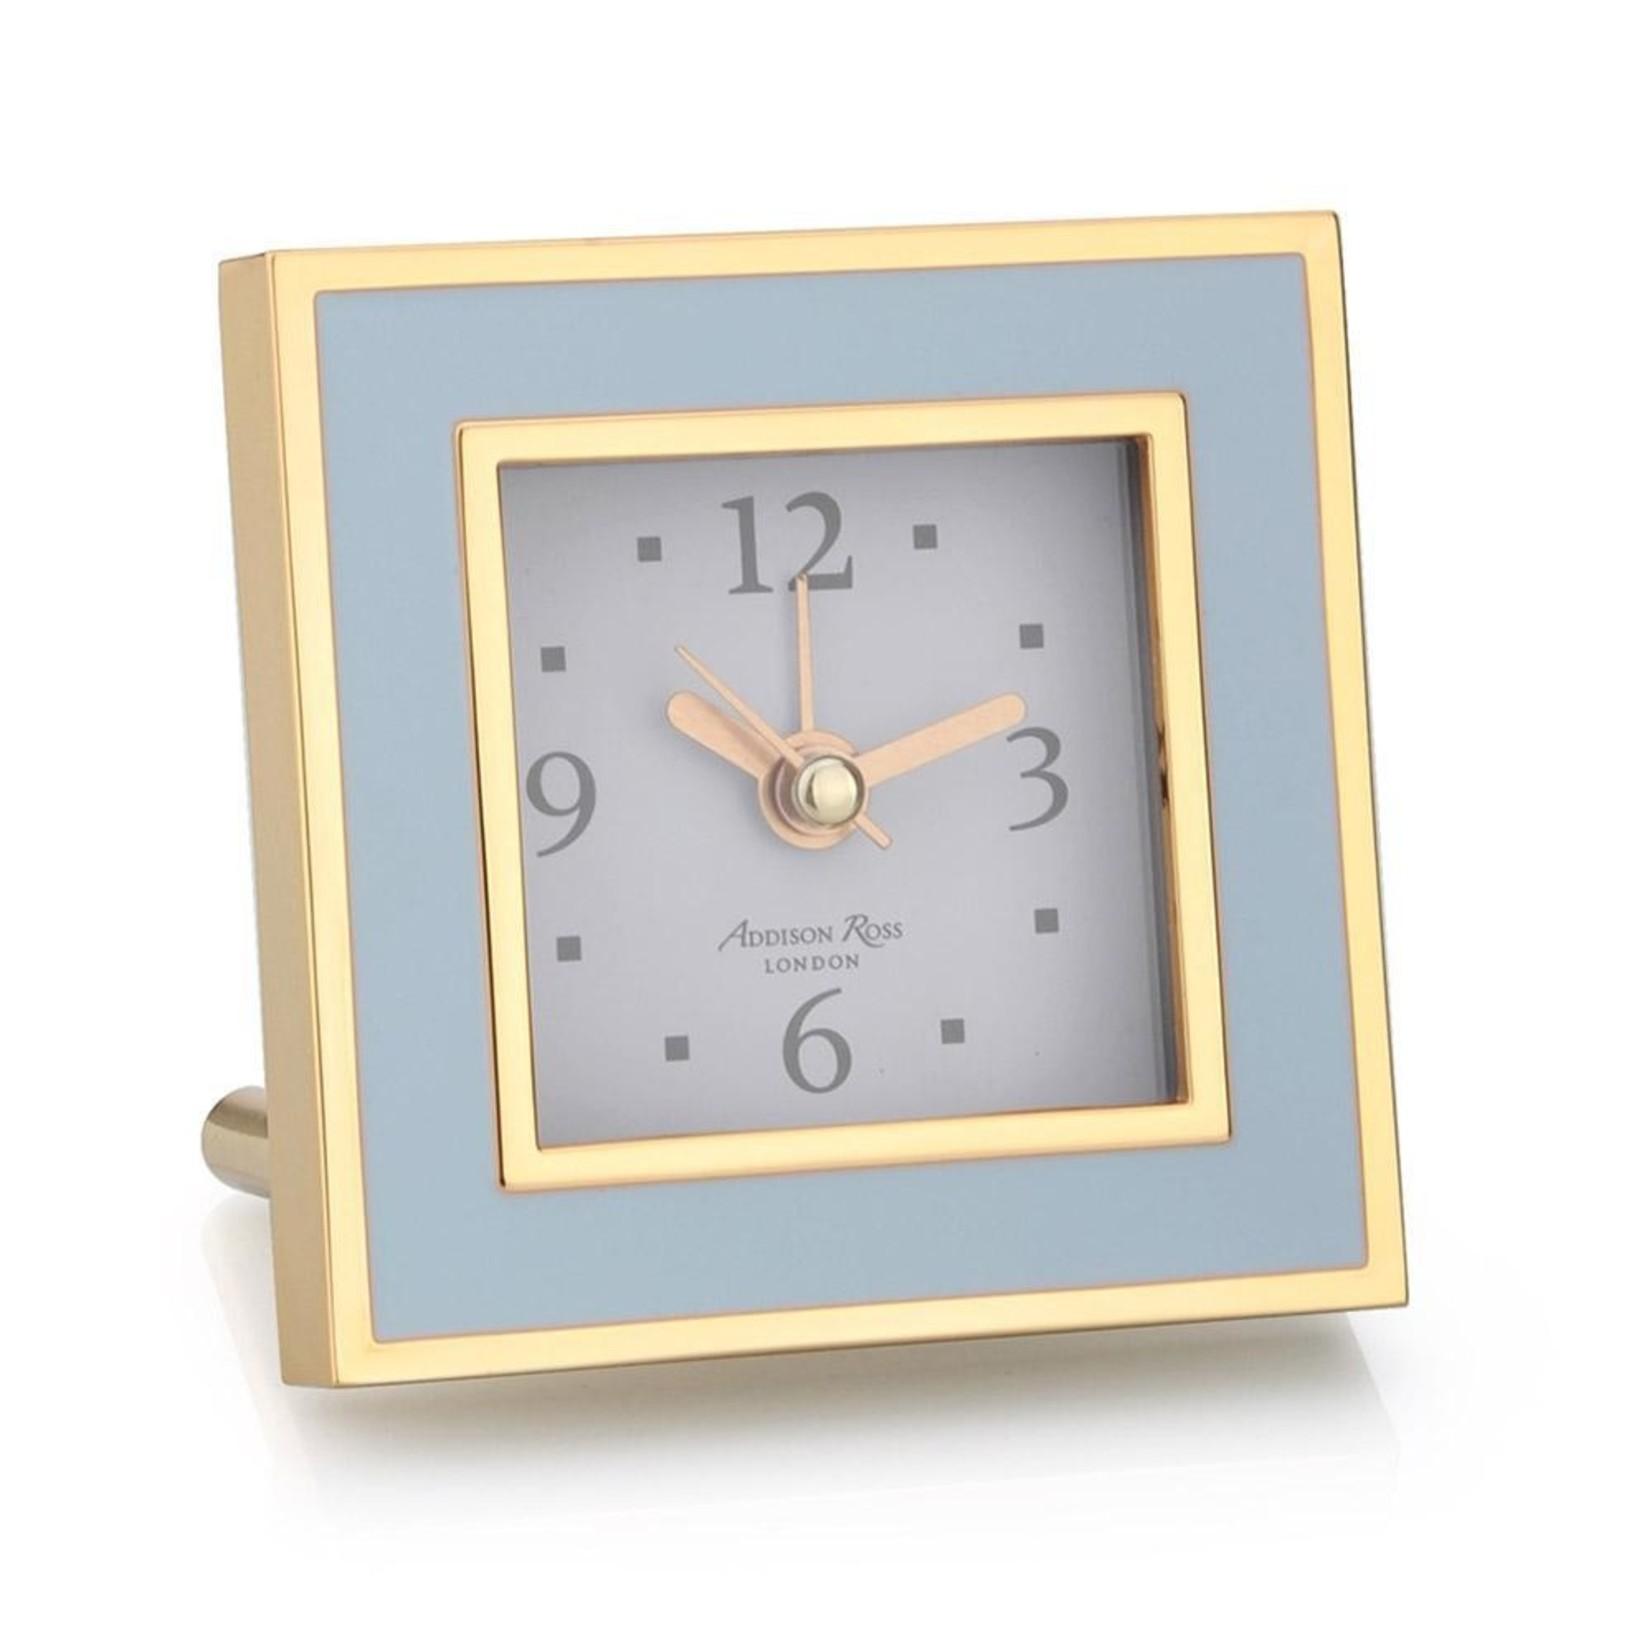 Addison Ross Square Alarm Clock